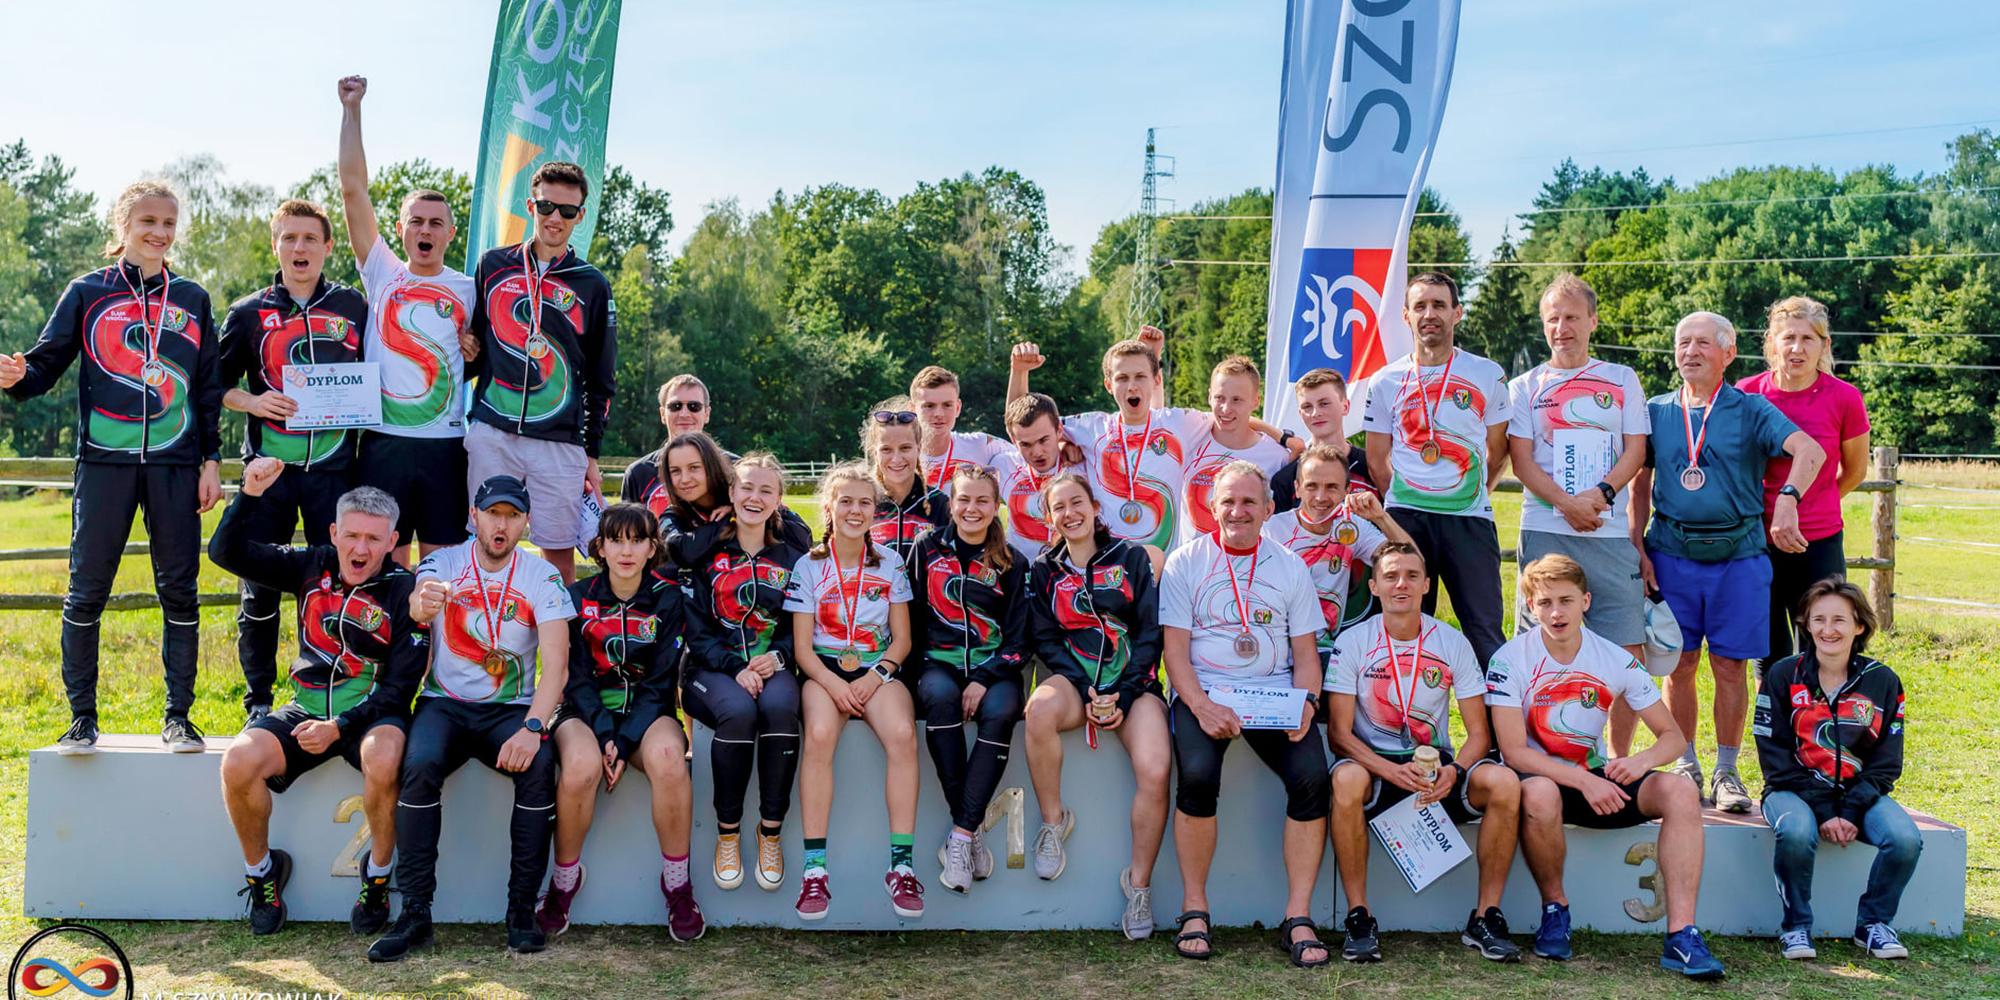 mistrzostwa-polski-w-klasycznym-i-sztafetowym-biegu-na-orientacje-szczecin-12-13-09-2020